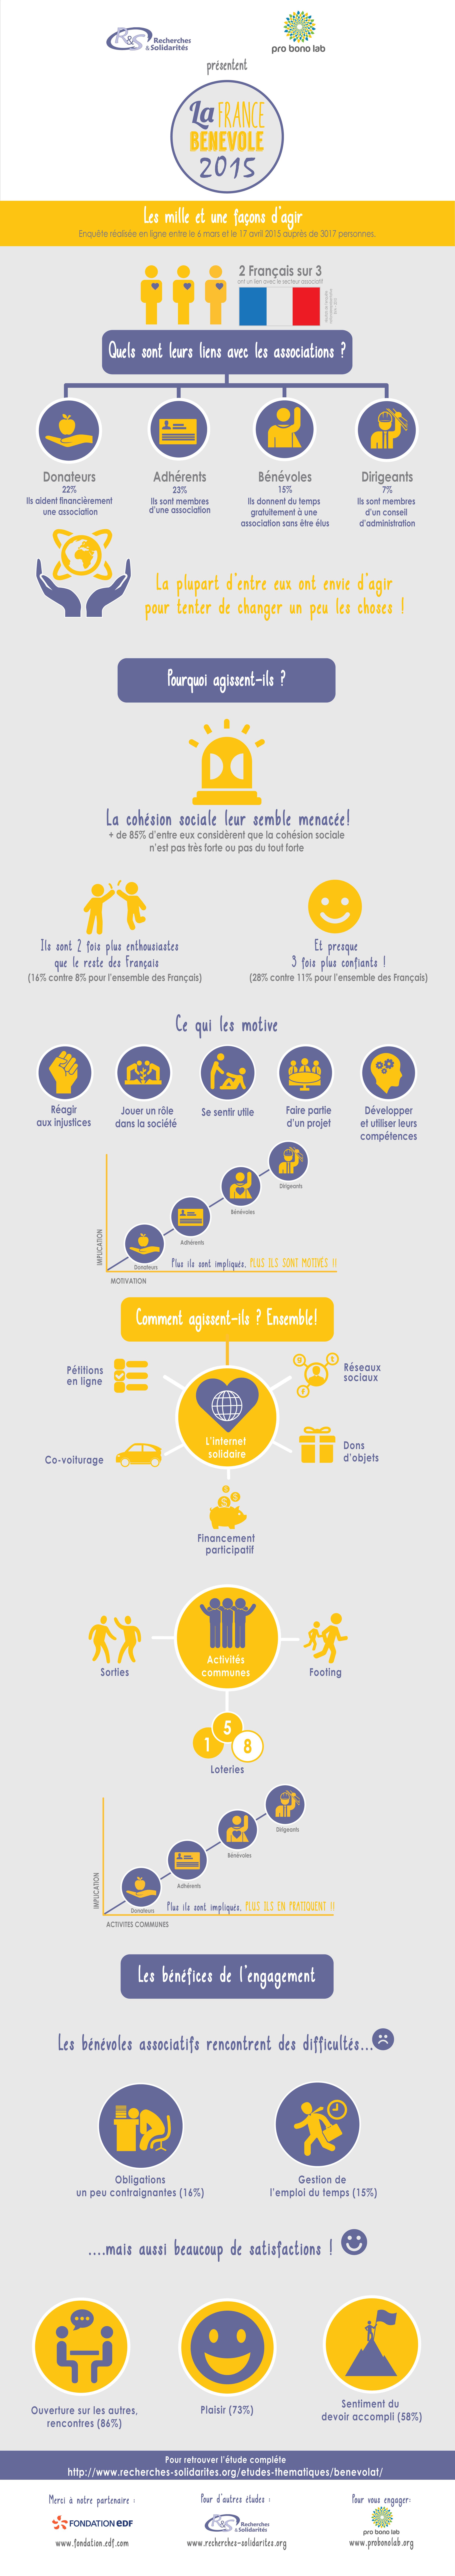 Infographie-France-Bénévole-2015-pro-bono